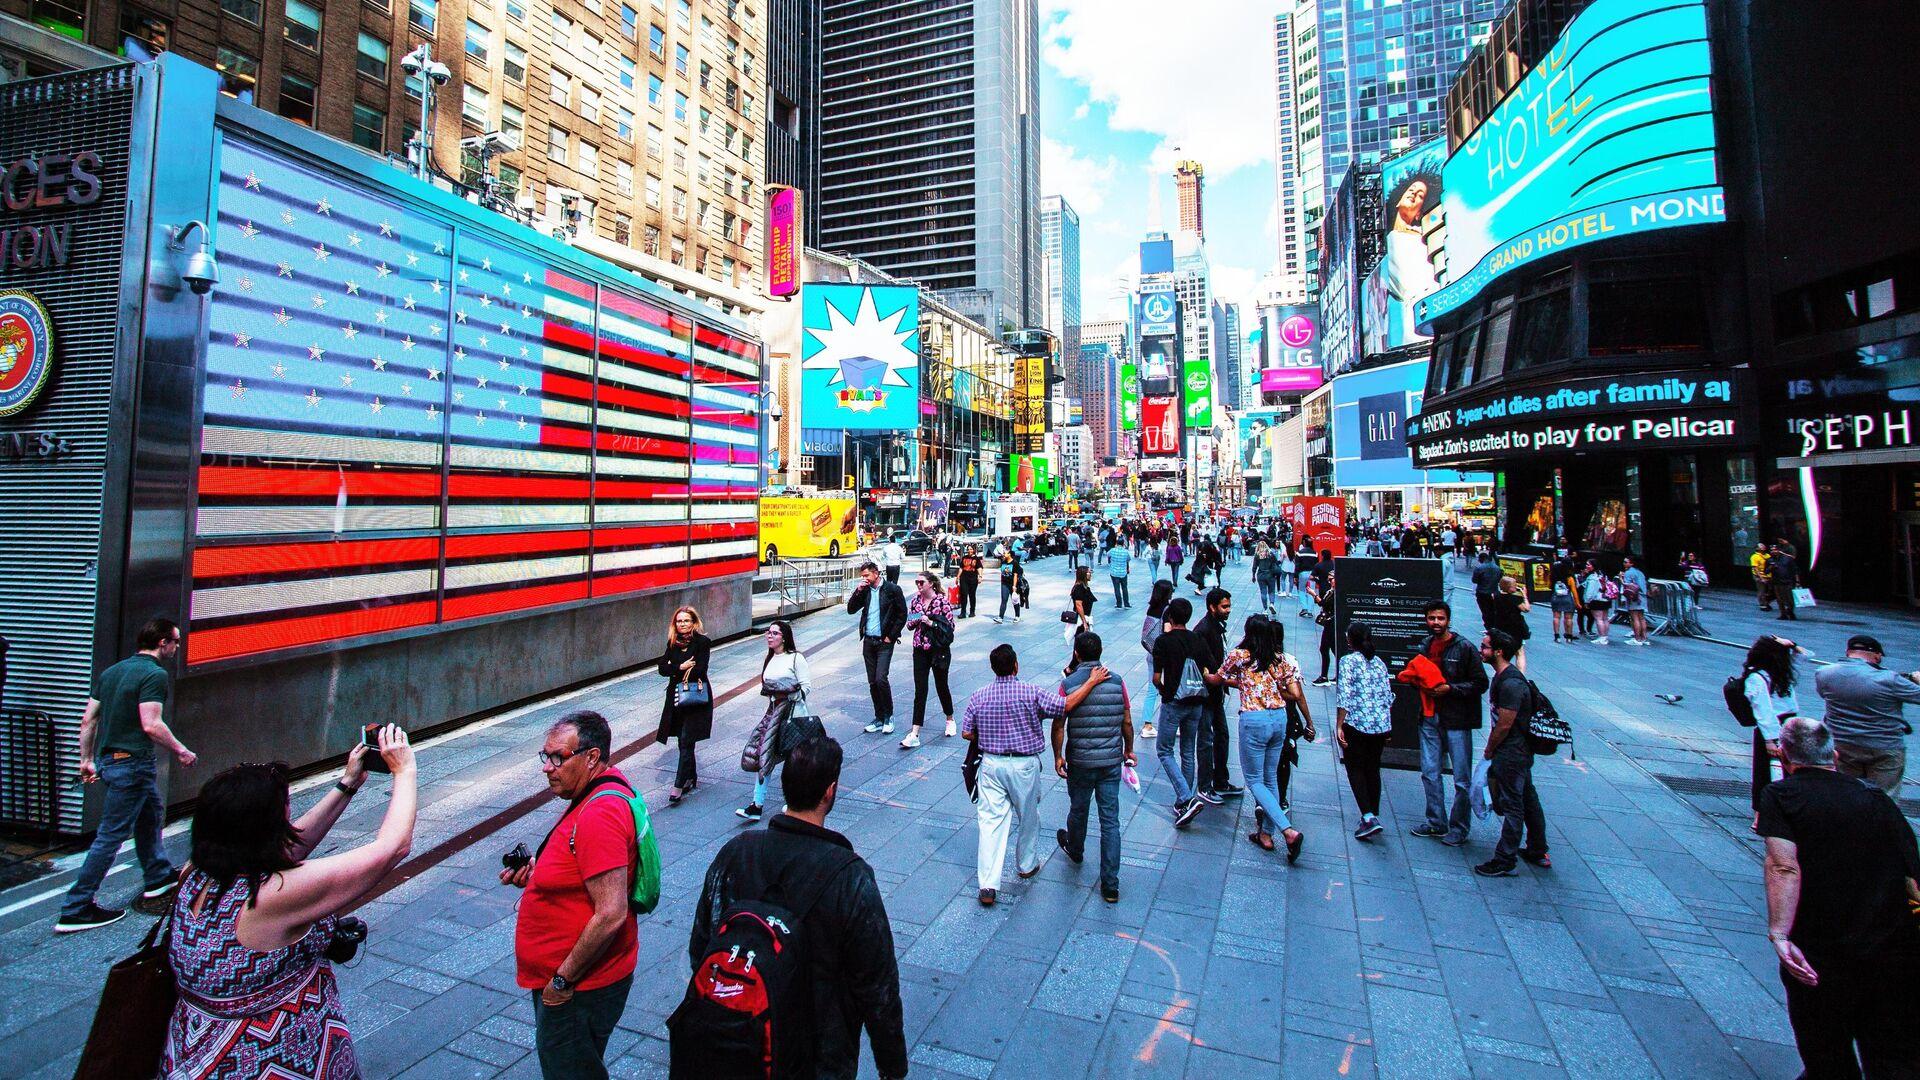 Прохожие на площади Таймс-сквер в Нью-Йорке, США - РИА Новости, 1920, 23.08.2021